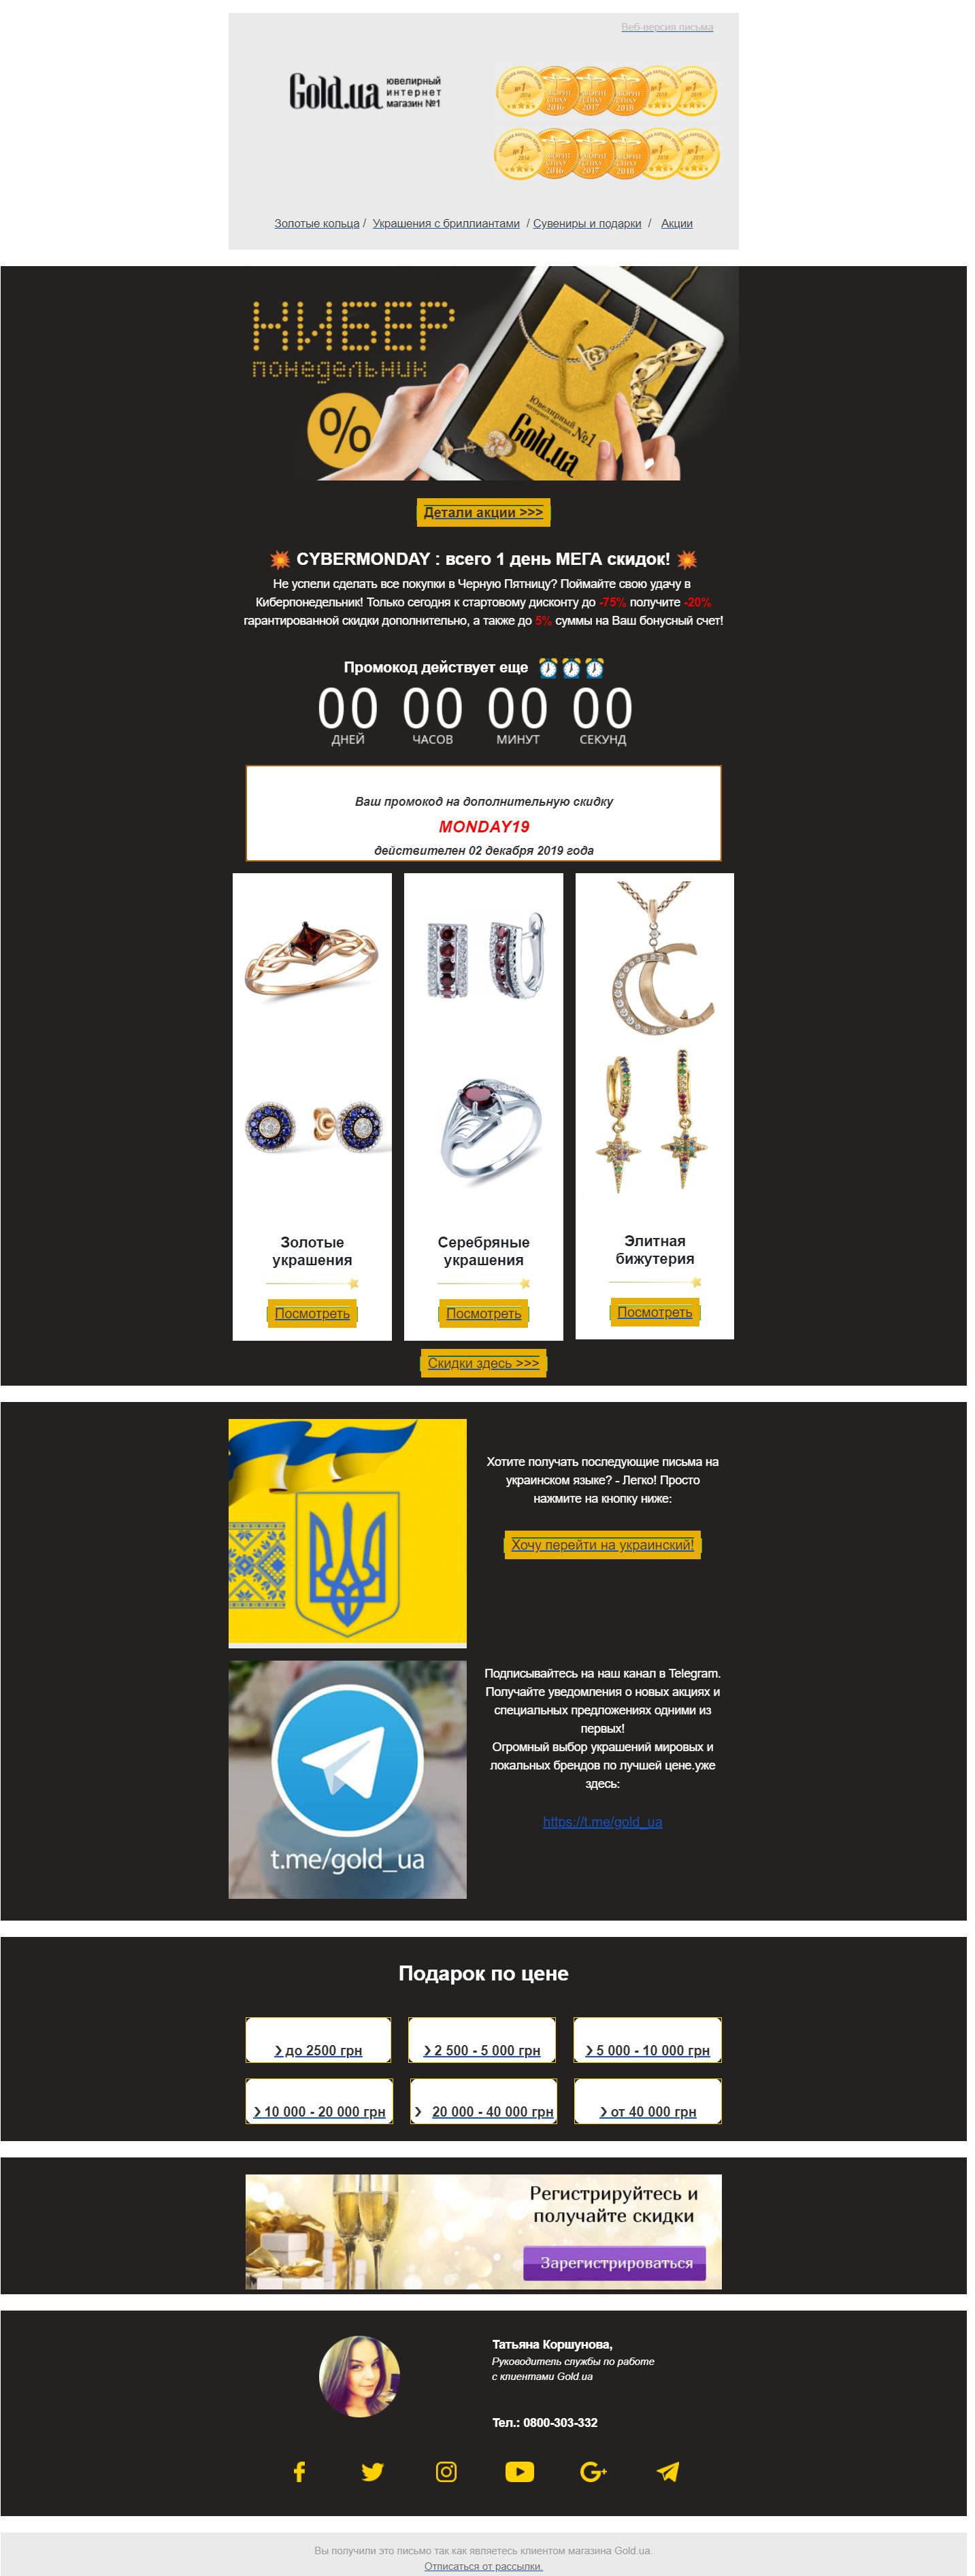 Рассылка от Gold.ua